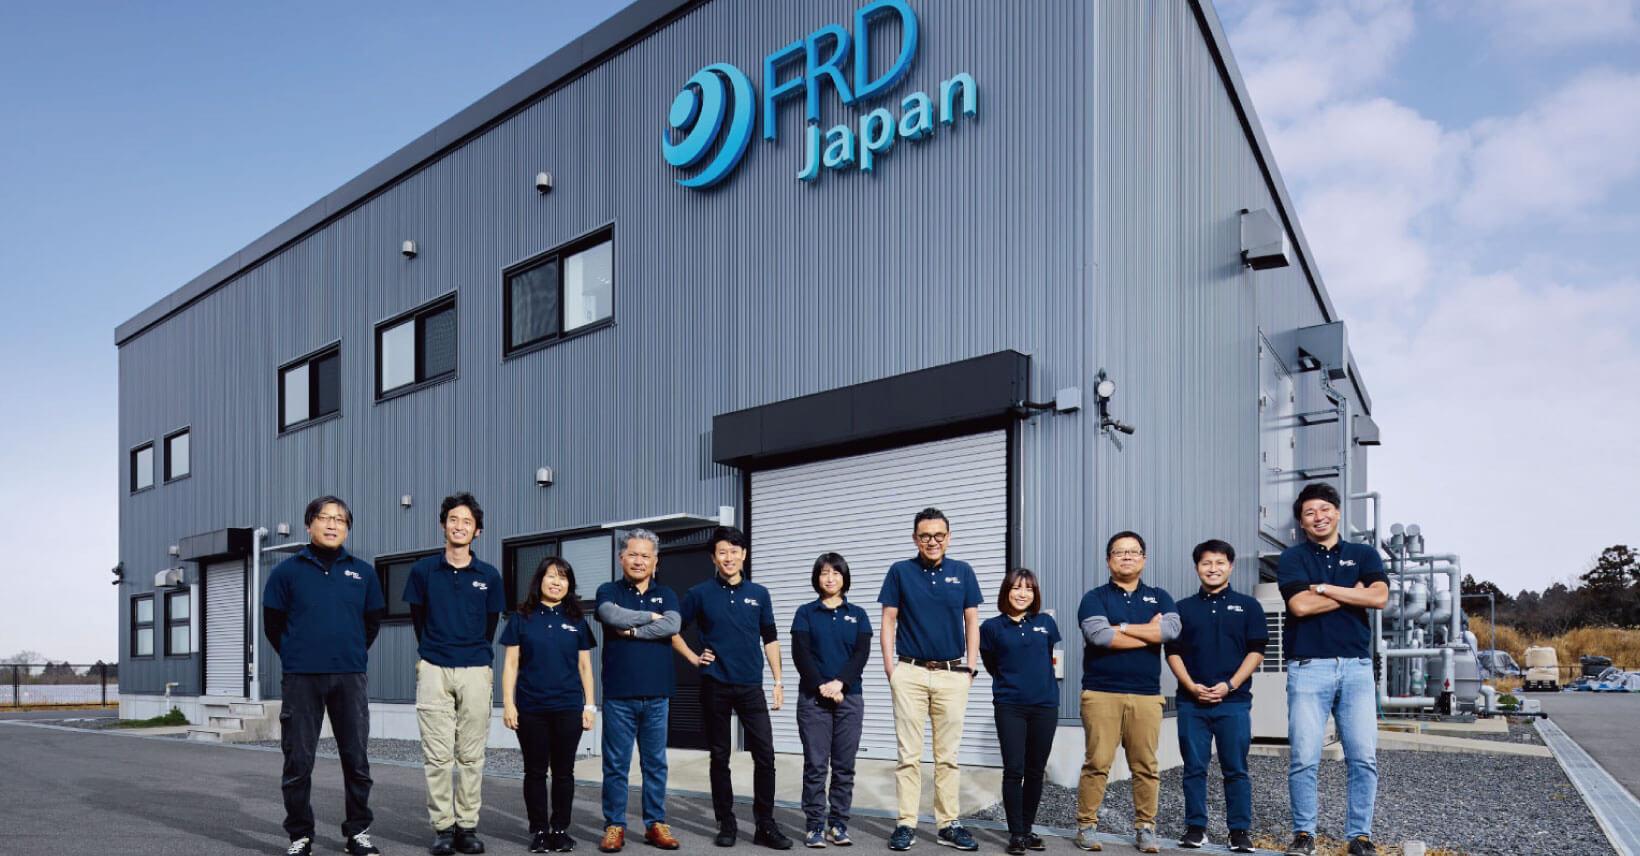 FRDジャパン様ウェブサイトトップ写真